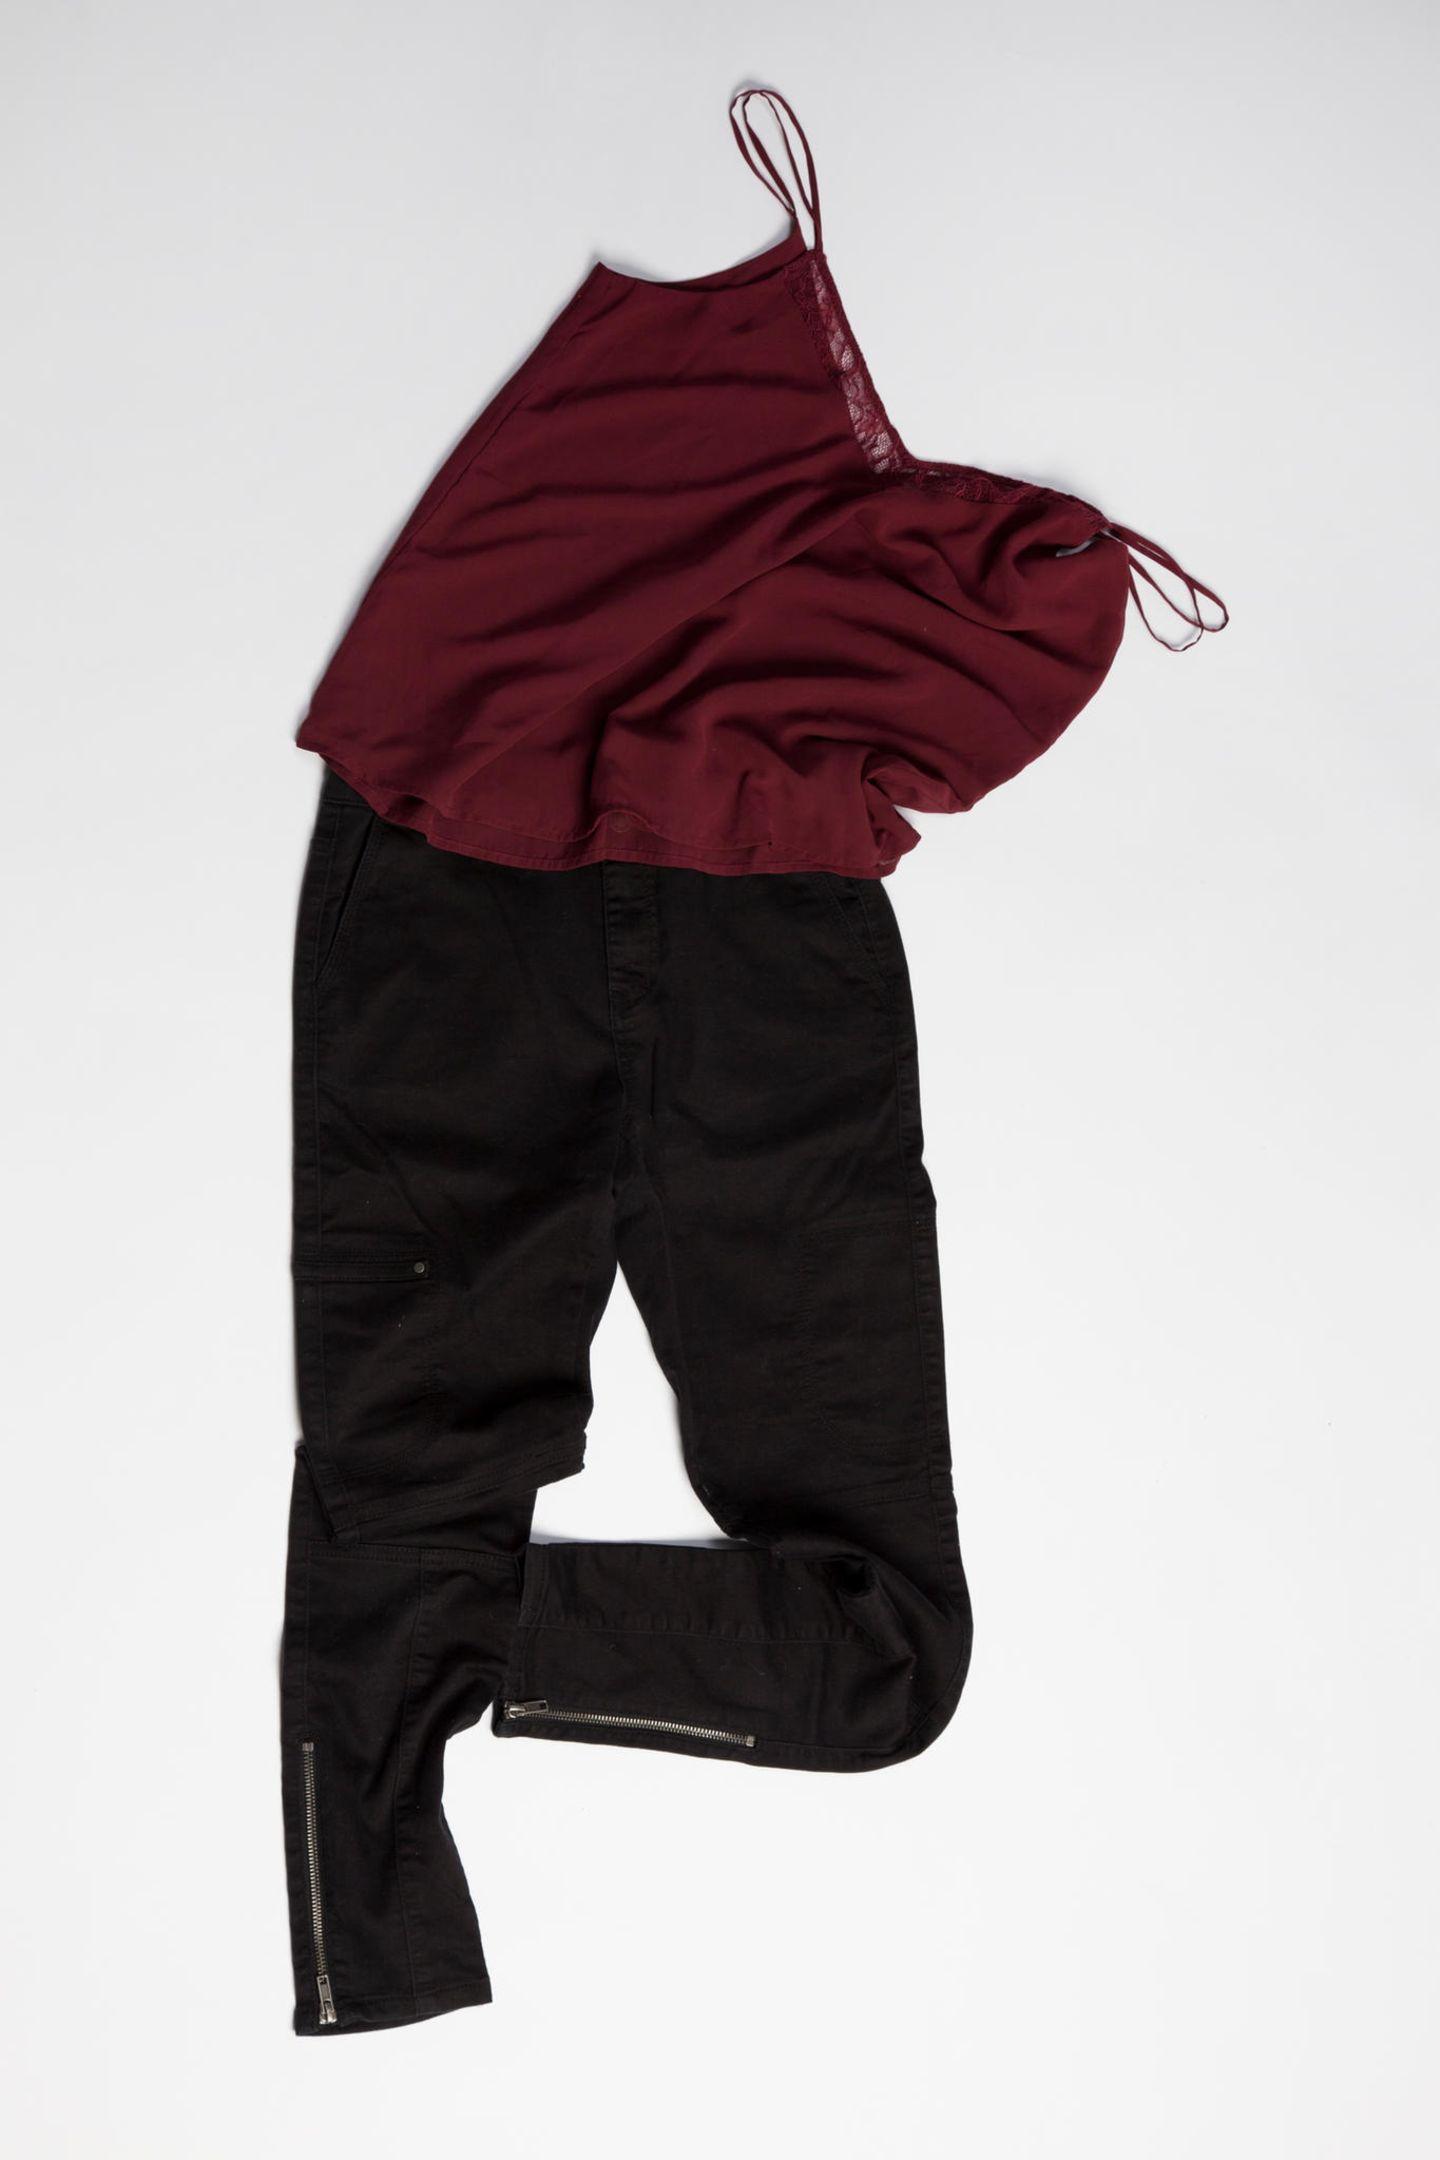 Ausstellung: Top und Hose